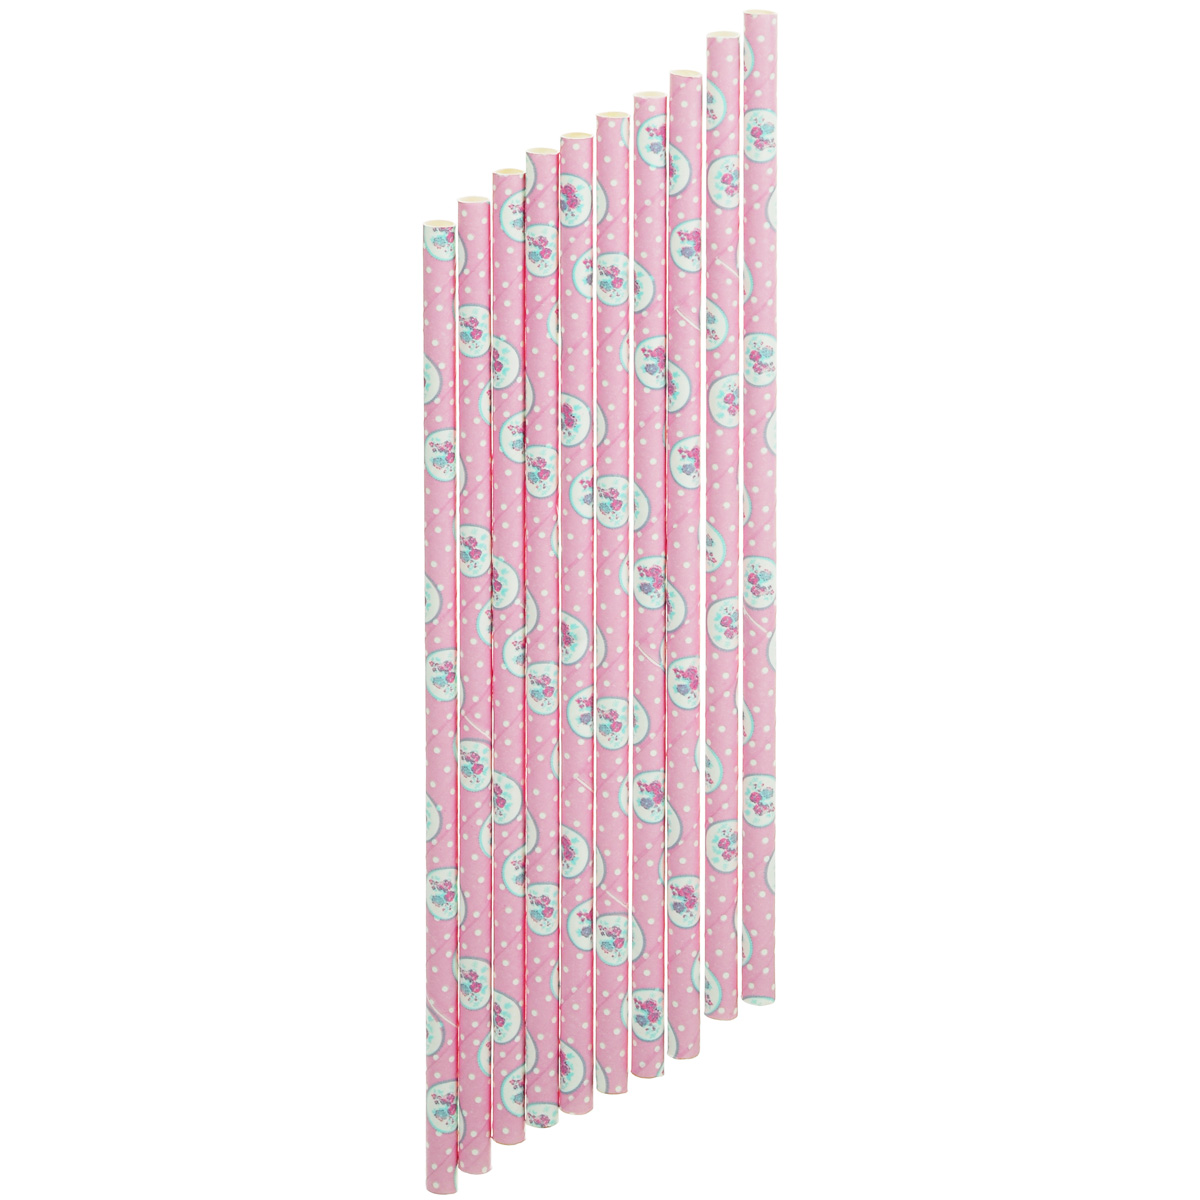 Набор бумажных трубочек Dolce Arti Розовый ветер, 10 штDA040223Набор Dolce Arti Розовый ветер состоит из 10 бумажных трубочек, предназначенных для напитков. Цветные трубочки станут не только эффектным украшением коктейлей, но и ярким штрихом вашего сладкого стола. С набором Dolce Arti Розовый ветер ваш праздник станет по-настоящему красочным!Длина трубочки: 19,5 см. Диаметр трубочки: 5 мм.